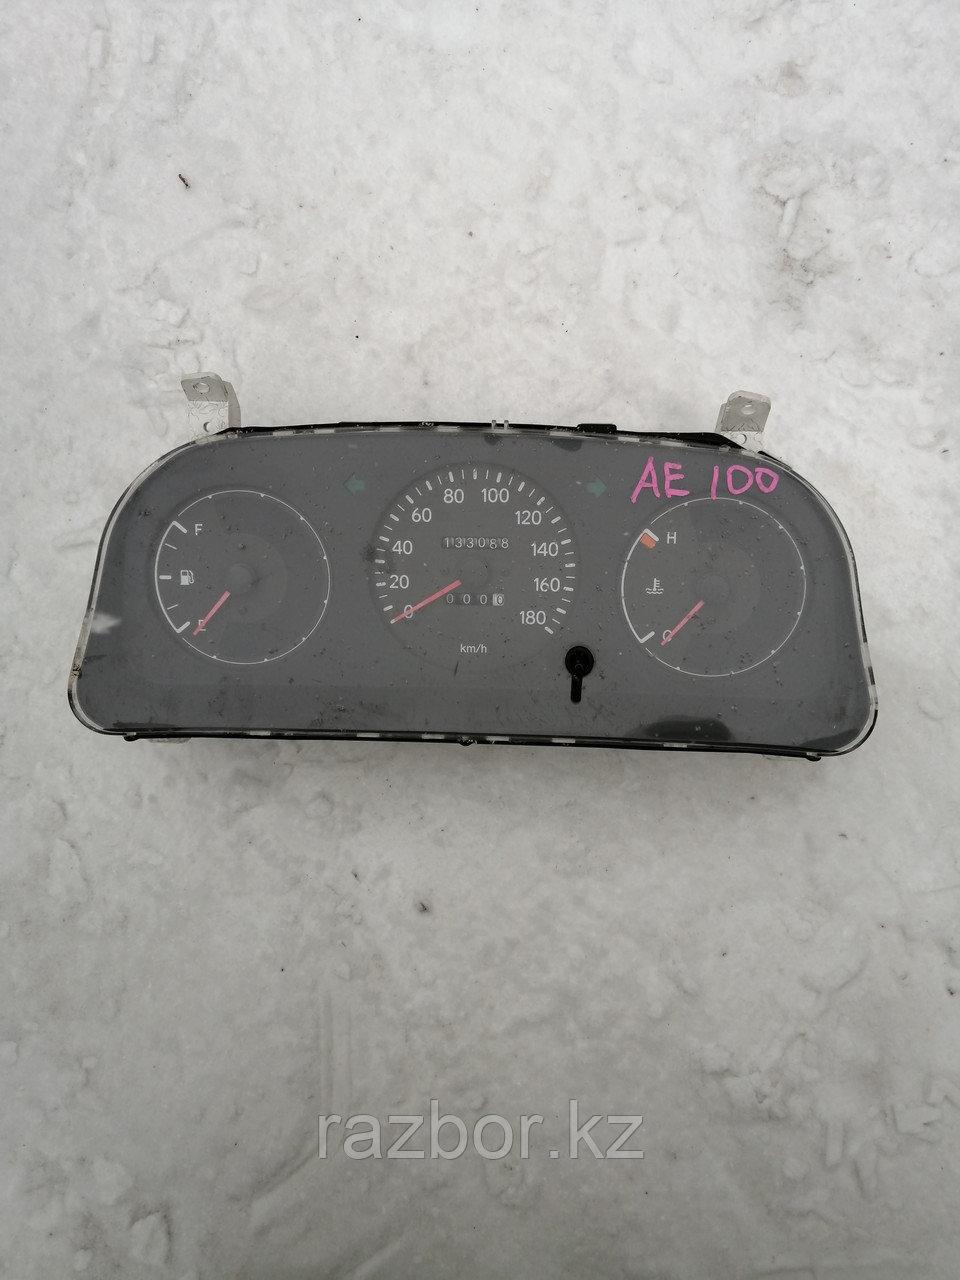 Приборная панель Toyota Corolla 1995.